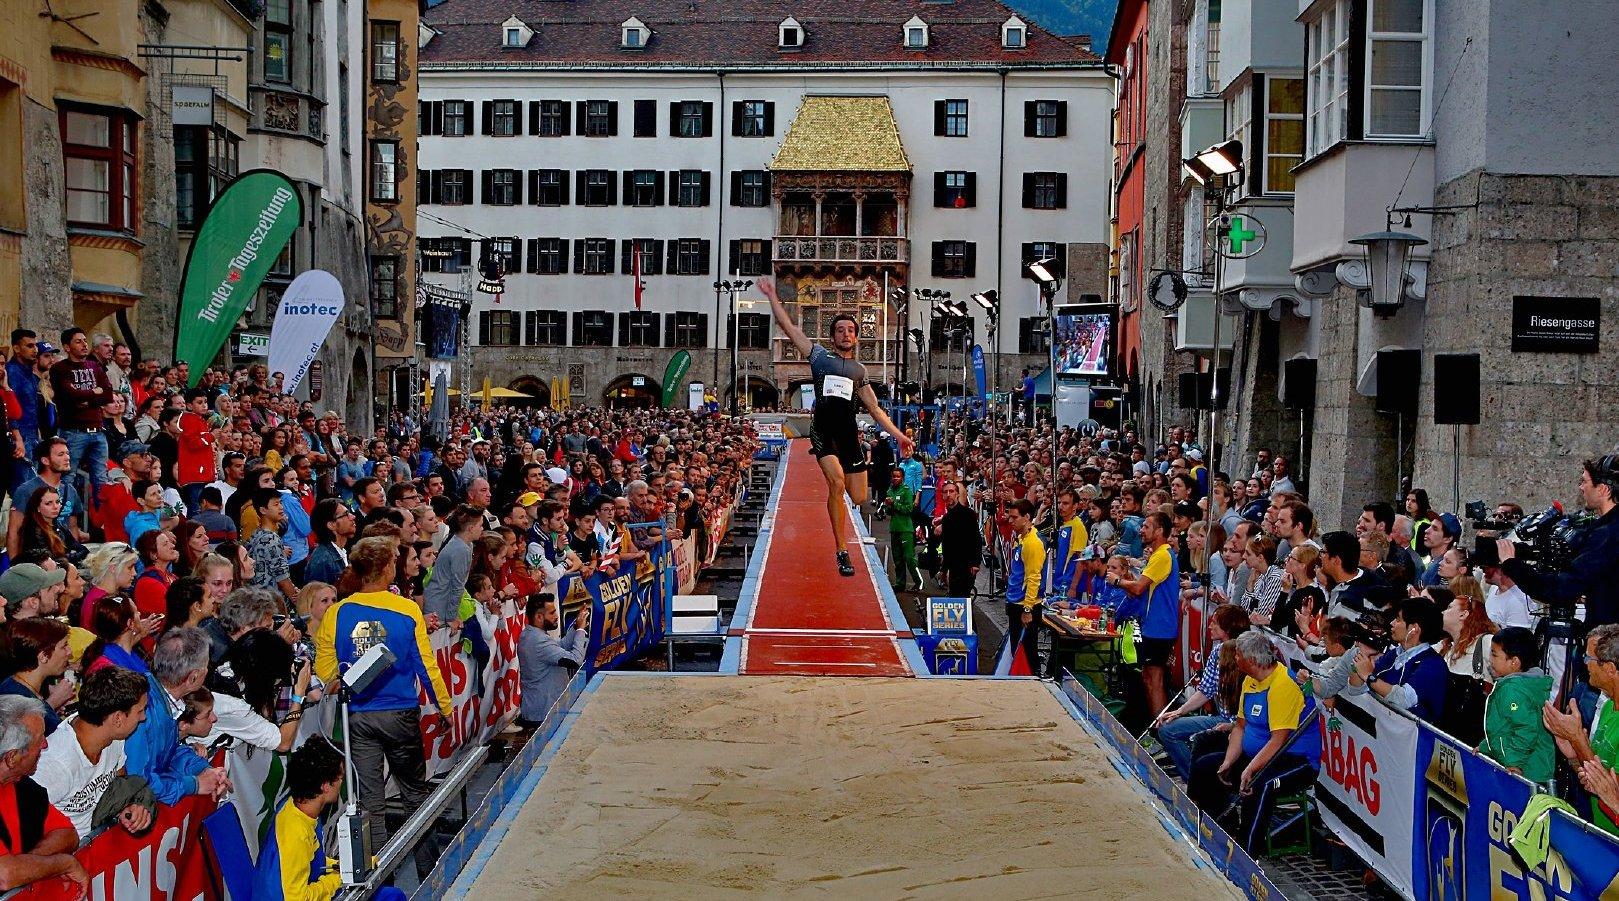 当地时间6月9日,在奥地利因斯布鲁克举行的第15届黄金屋顶挑战赛